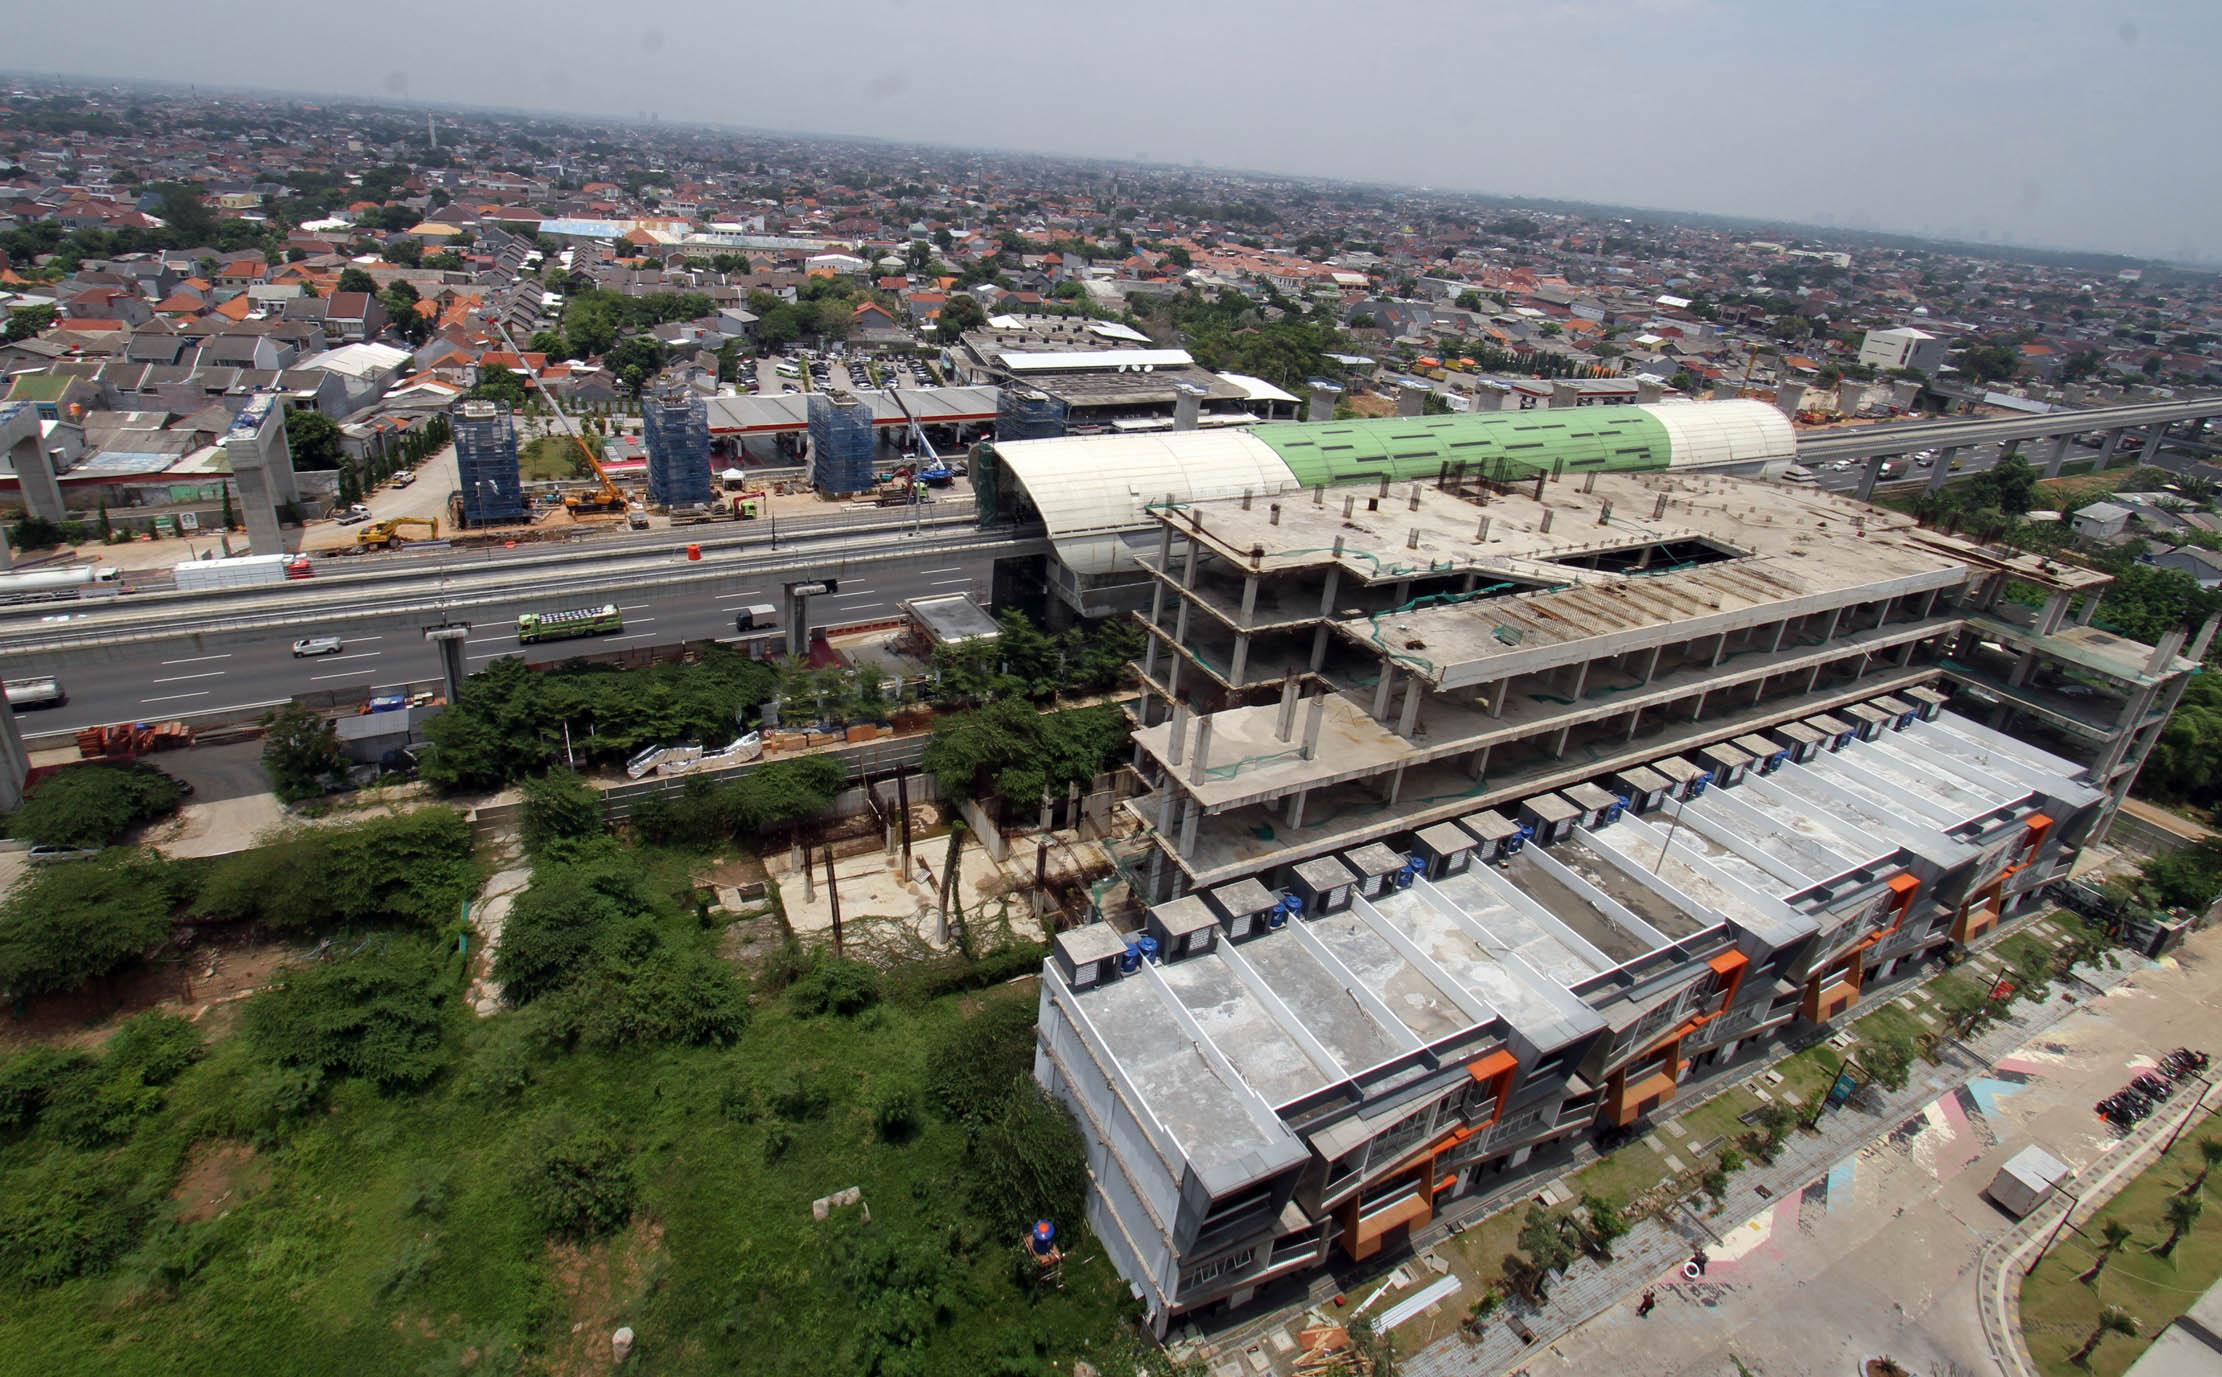 Pasar Mulai Pulih, Pengembang Gencar Luncurkan Proyek Properti pada Semester II-2021